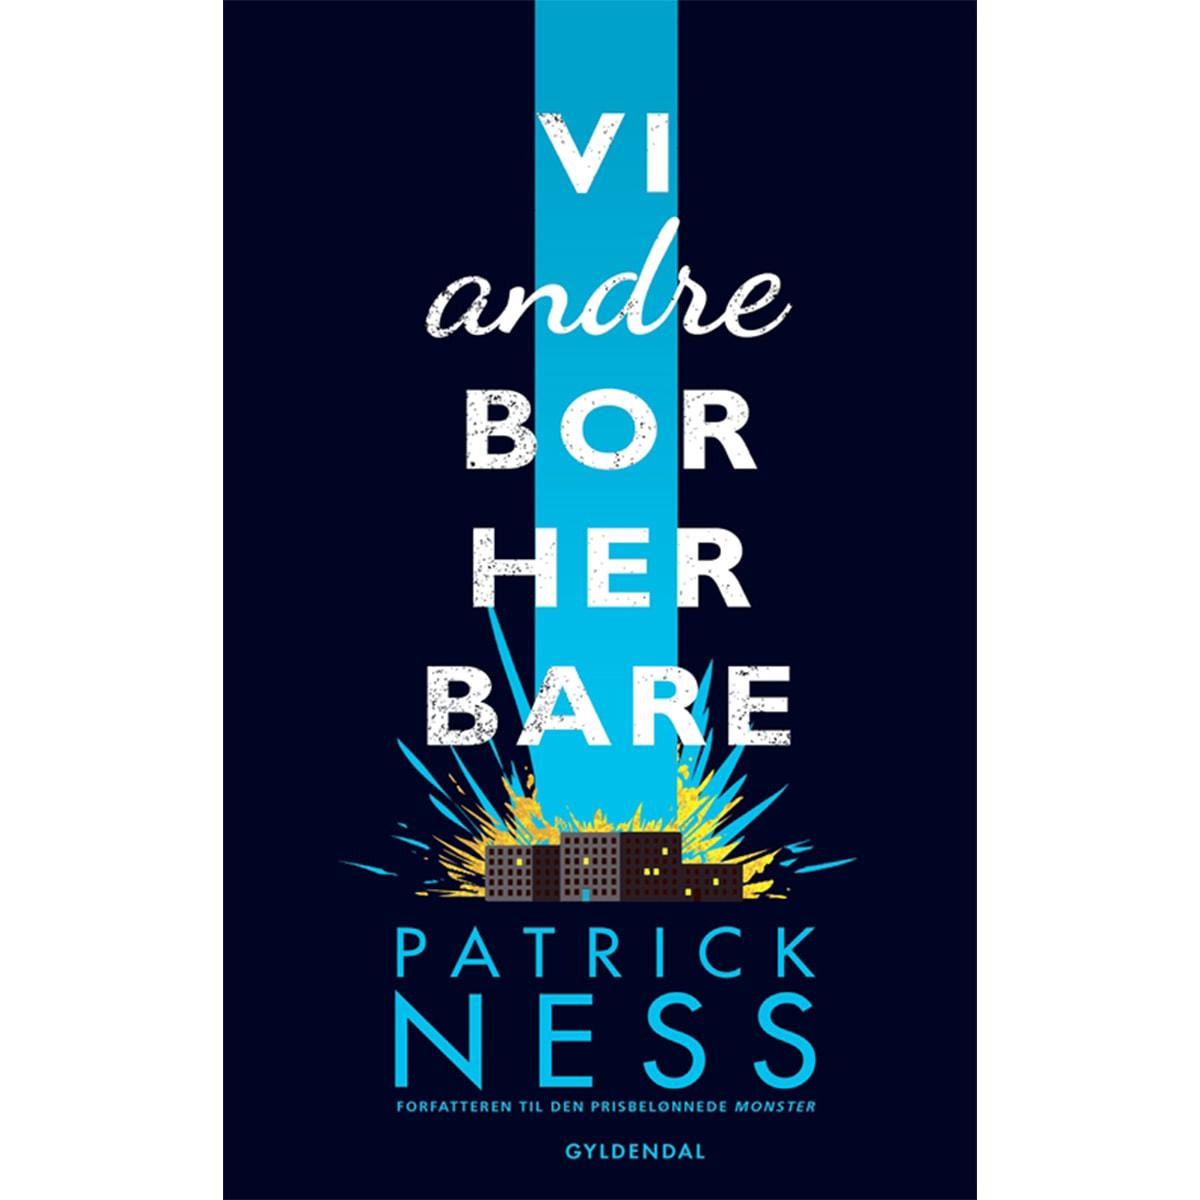 Af Patrick Ness